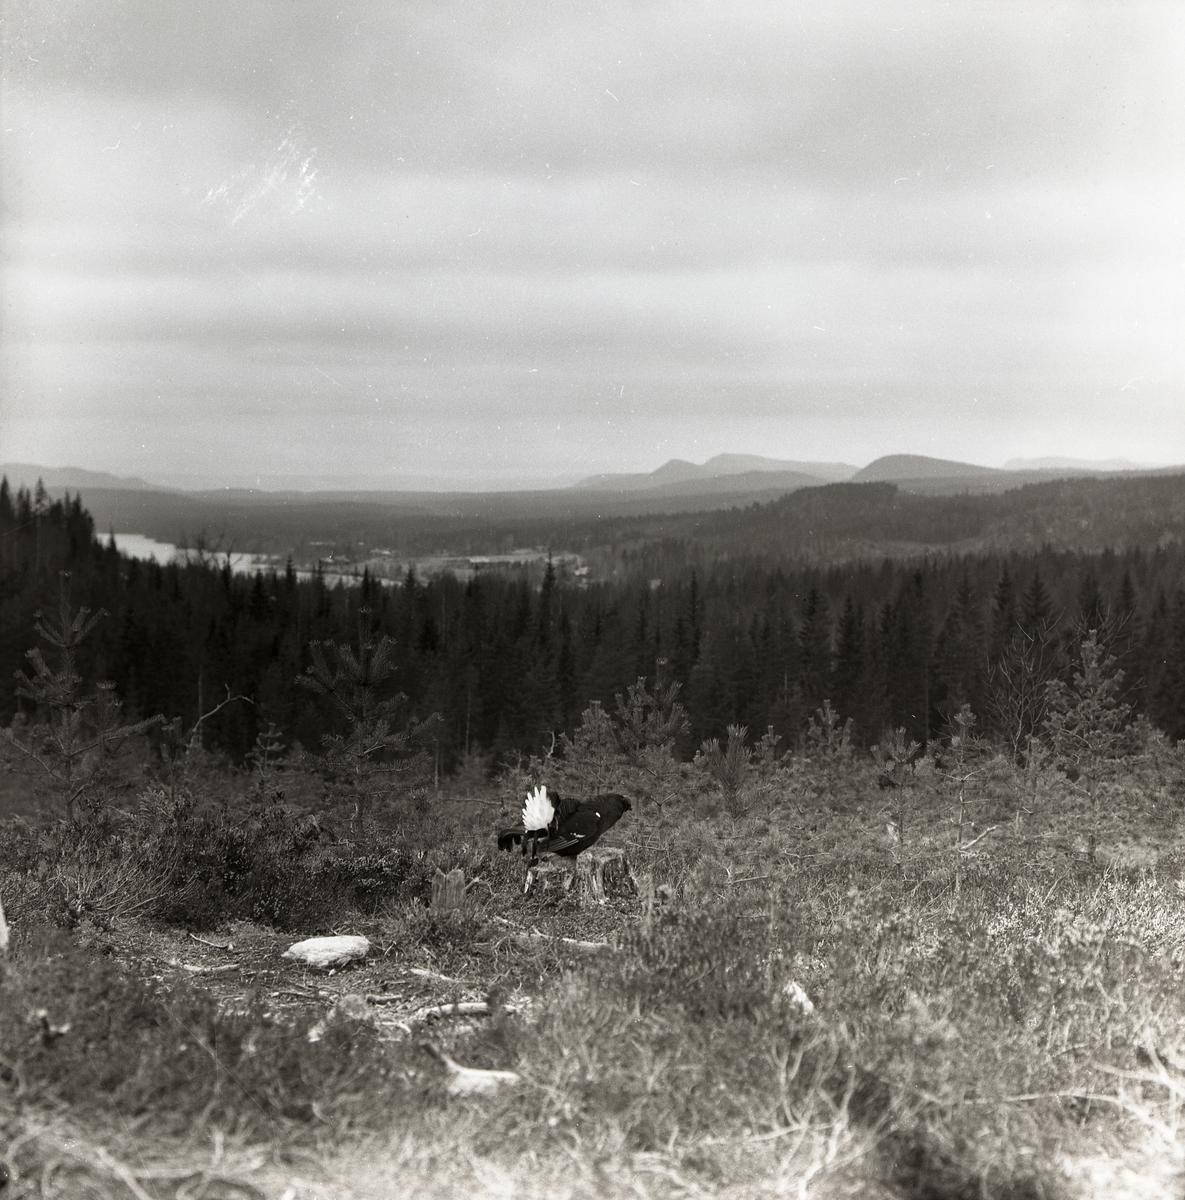 En tjäder står på en stubbe i skogen och har utsikt över bergen.